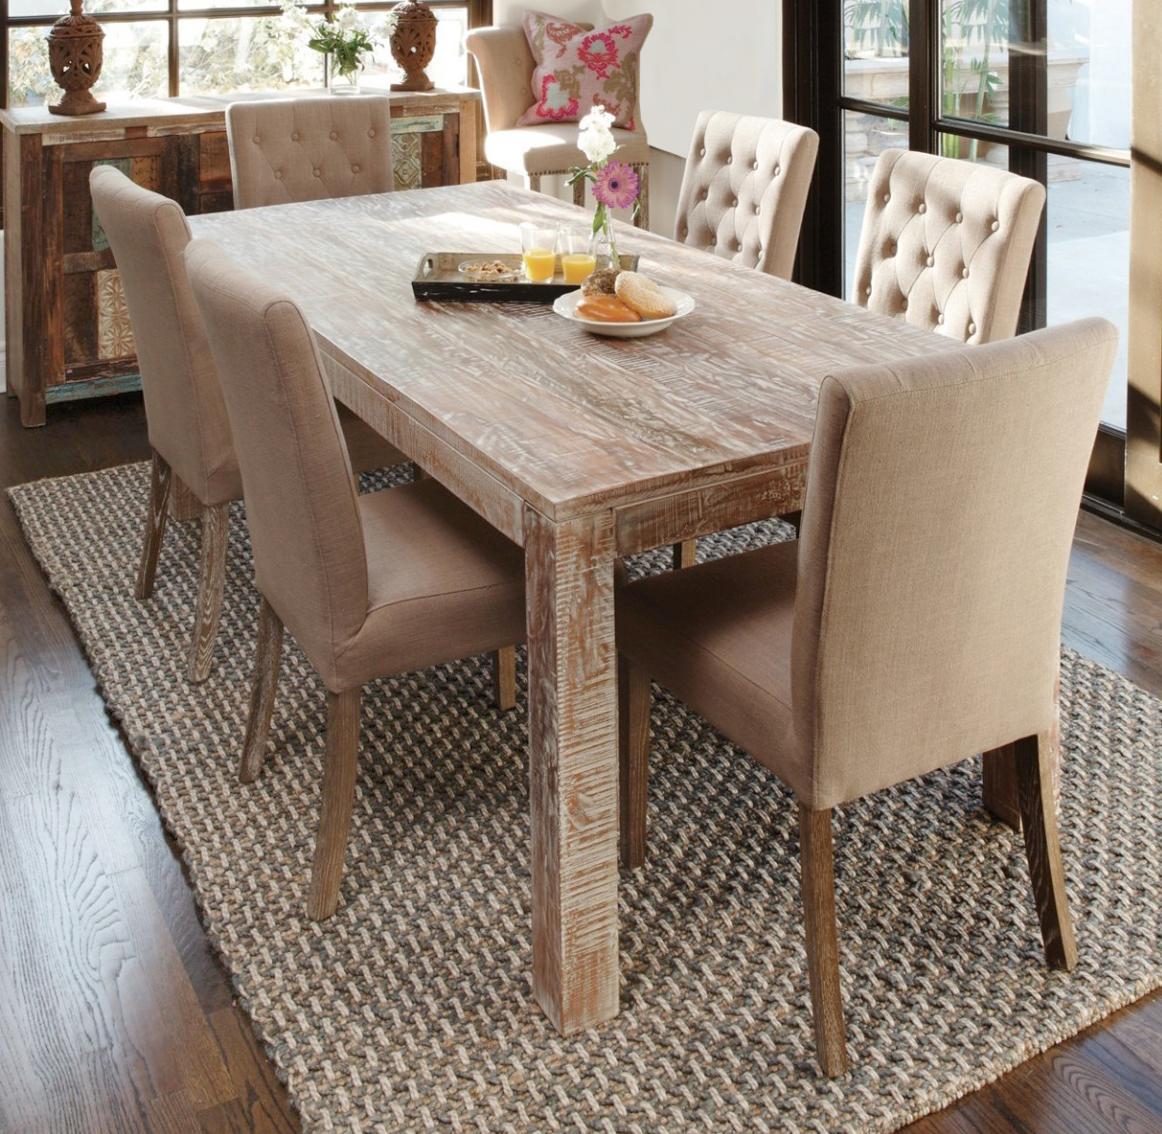 Tavoli in legno su misura roma tutto al centimetro - Tavoli su misura roma ...